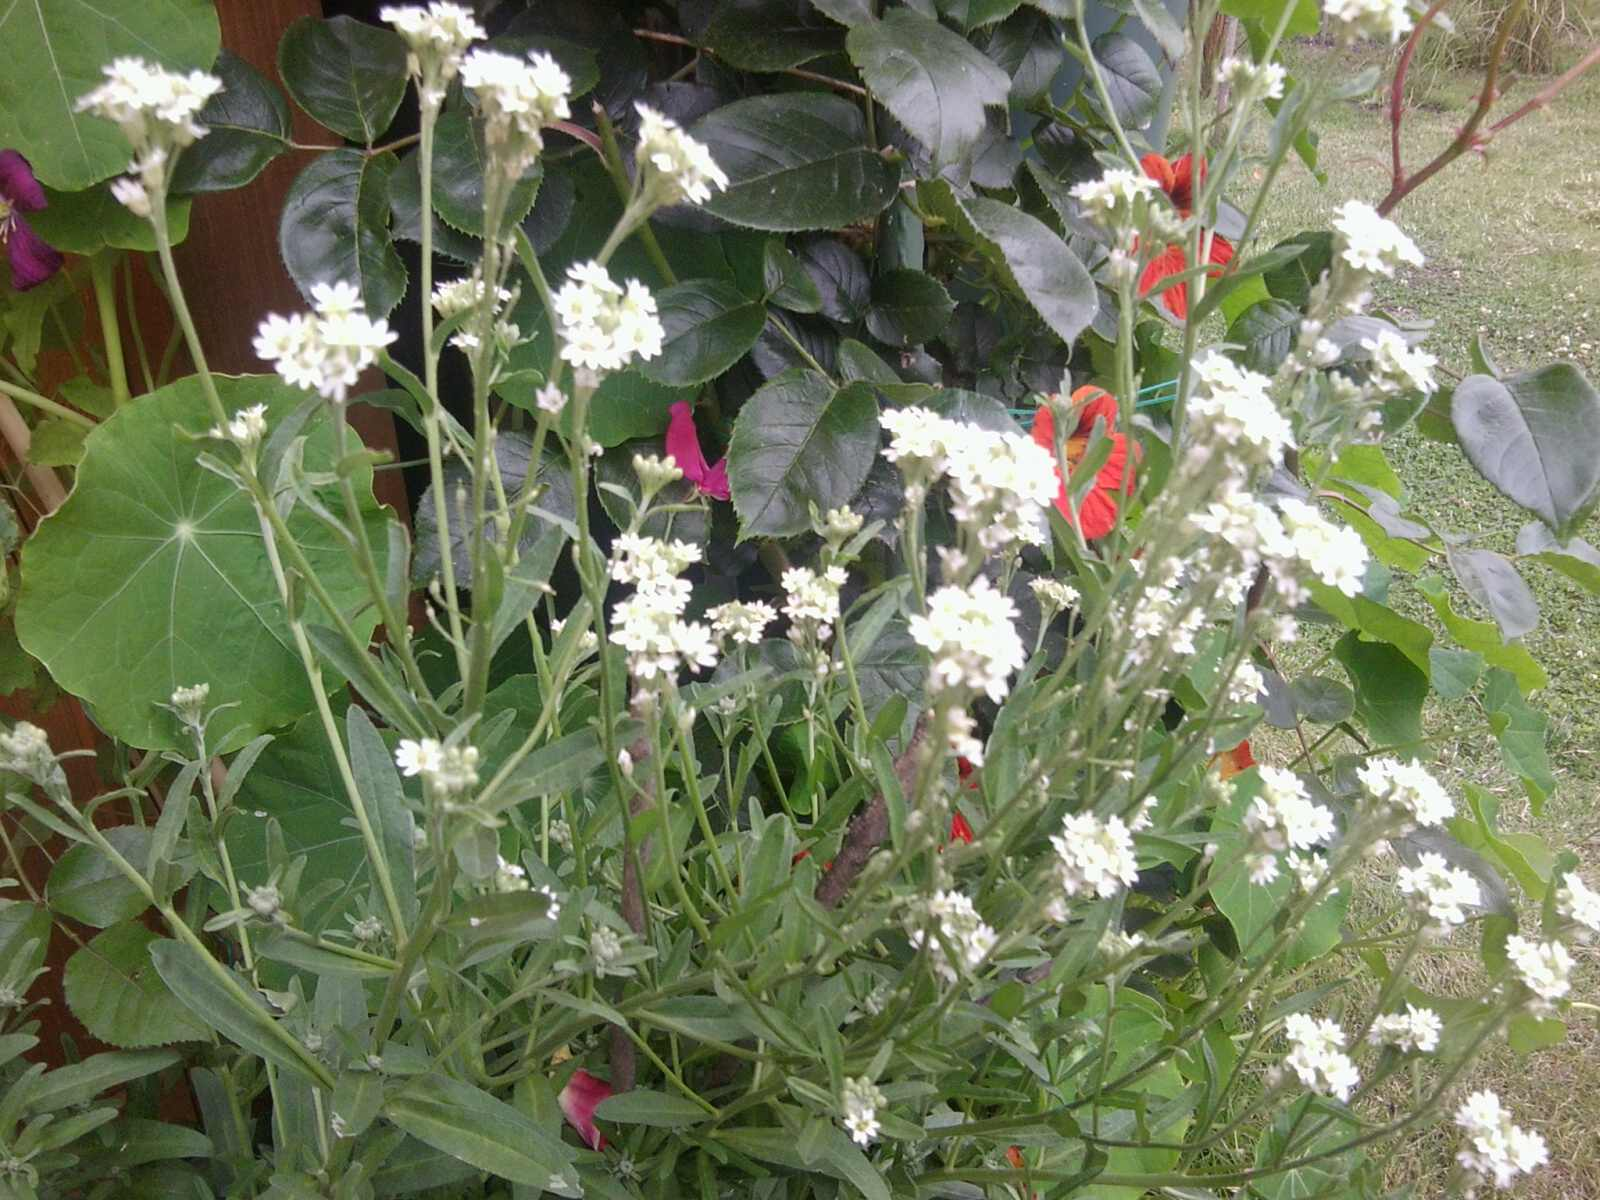 wer kennt diese pflanze wei nicht ob sie giftig ist oder eine gute pflanze garten pflanzen. Black Bedroom Furniture Sets. Home Design Ideas